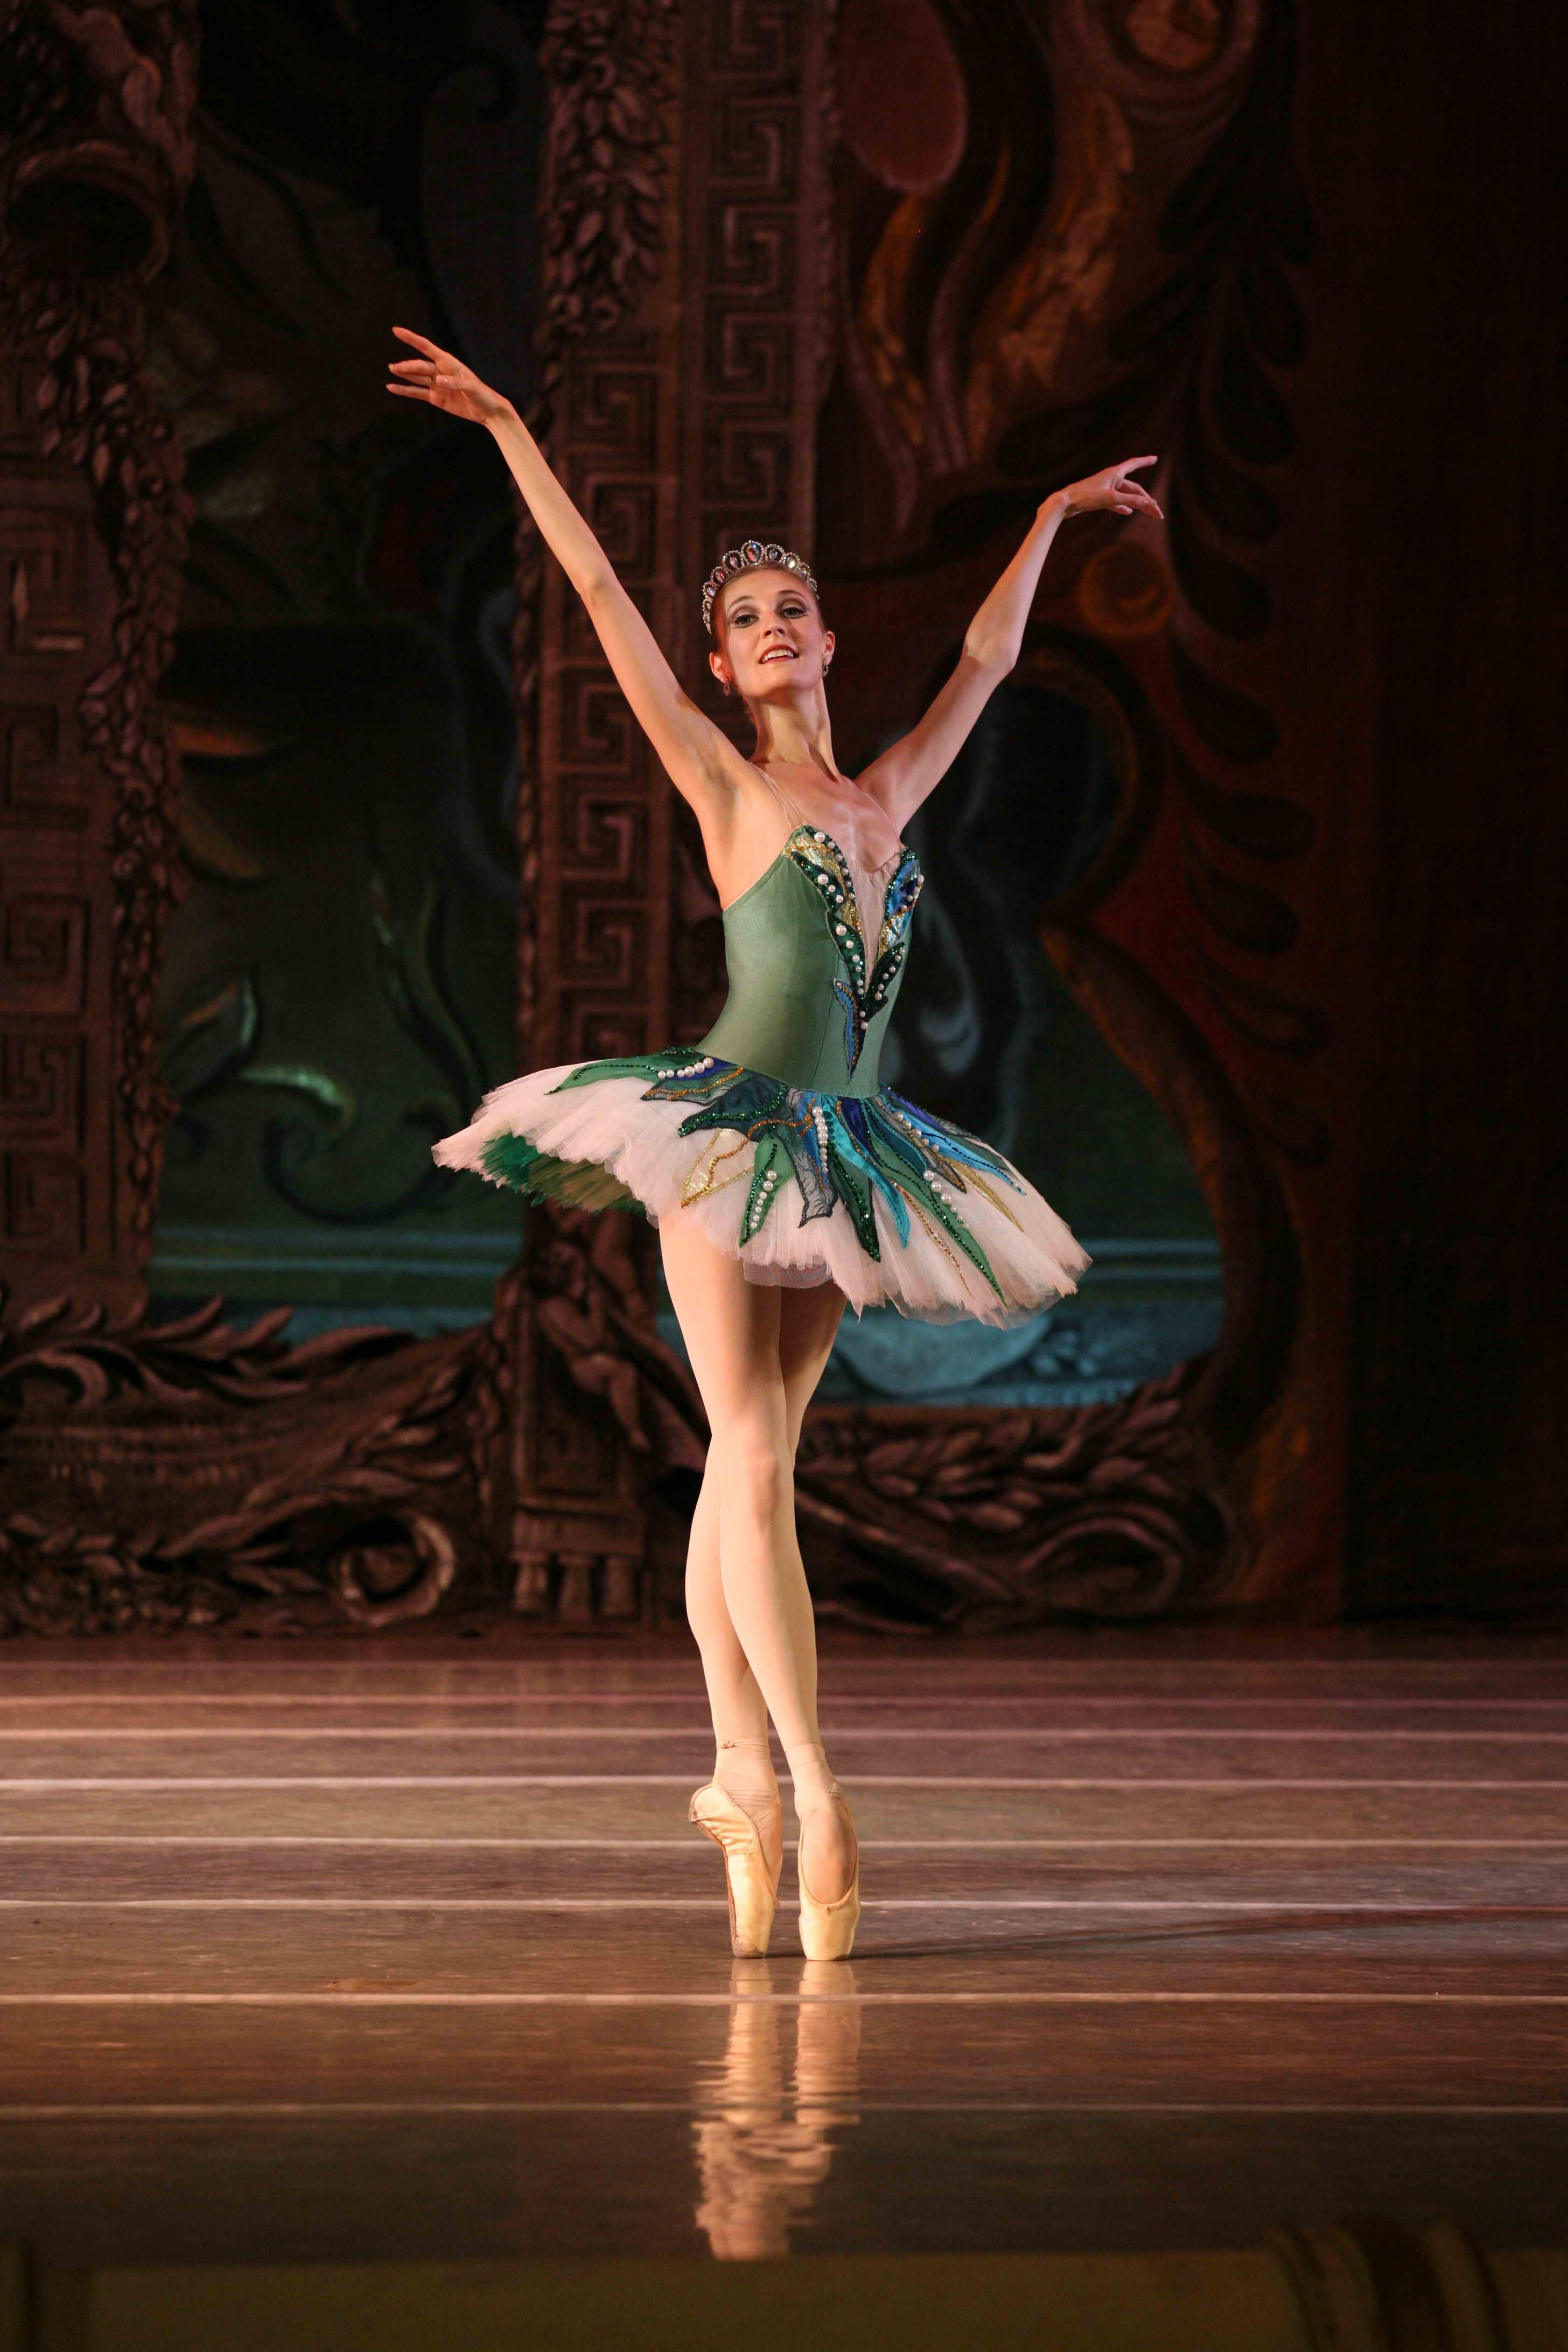 danseuse qui tourne